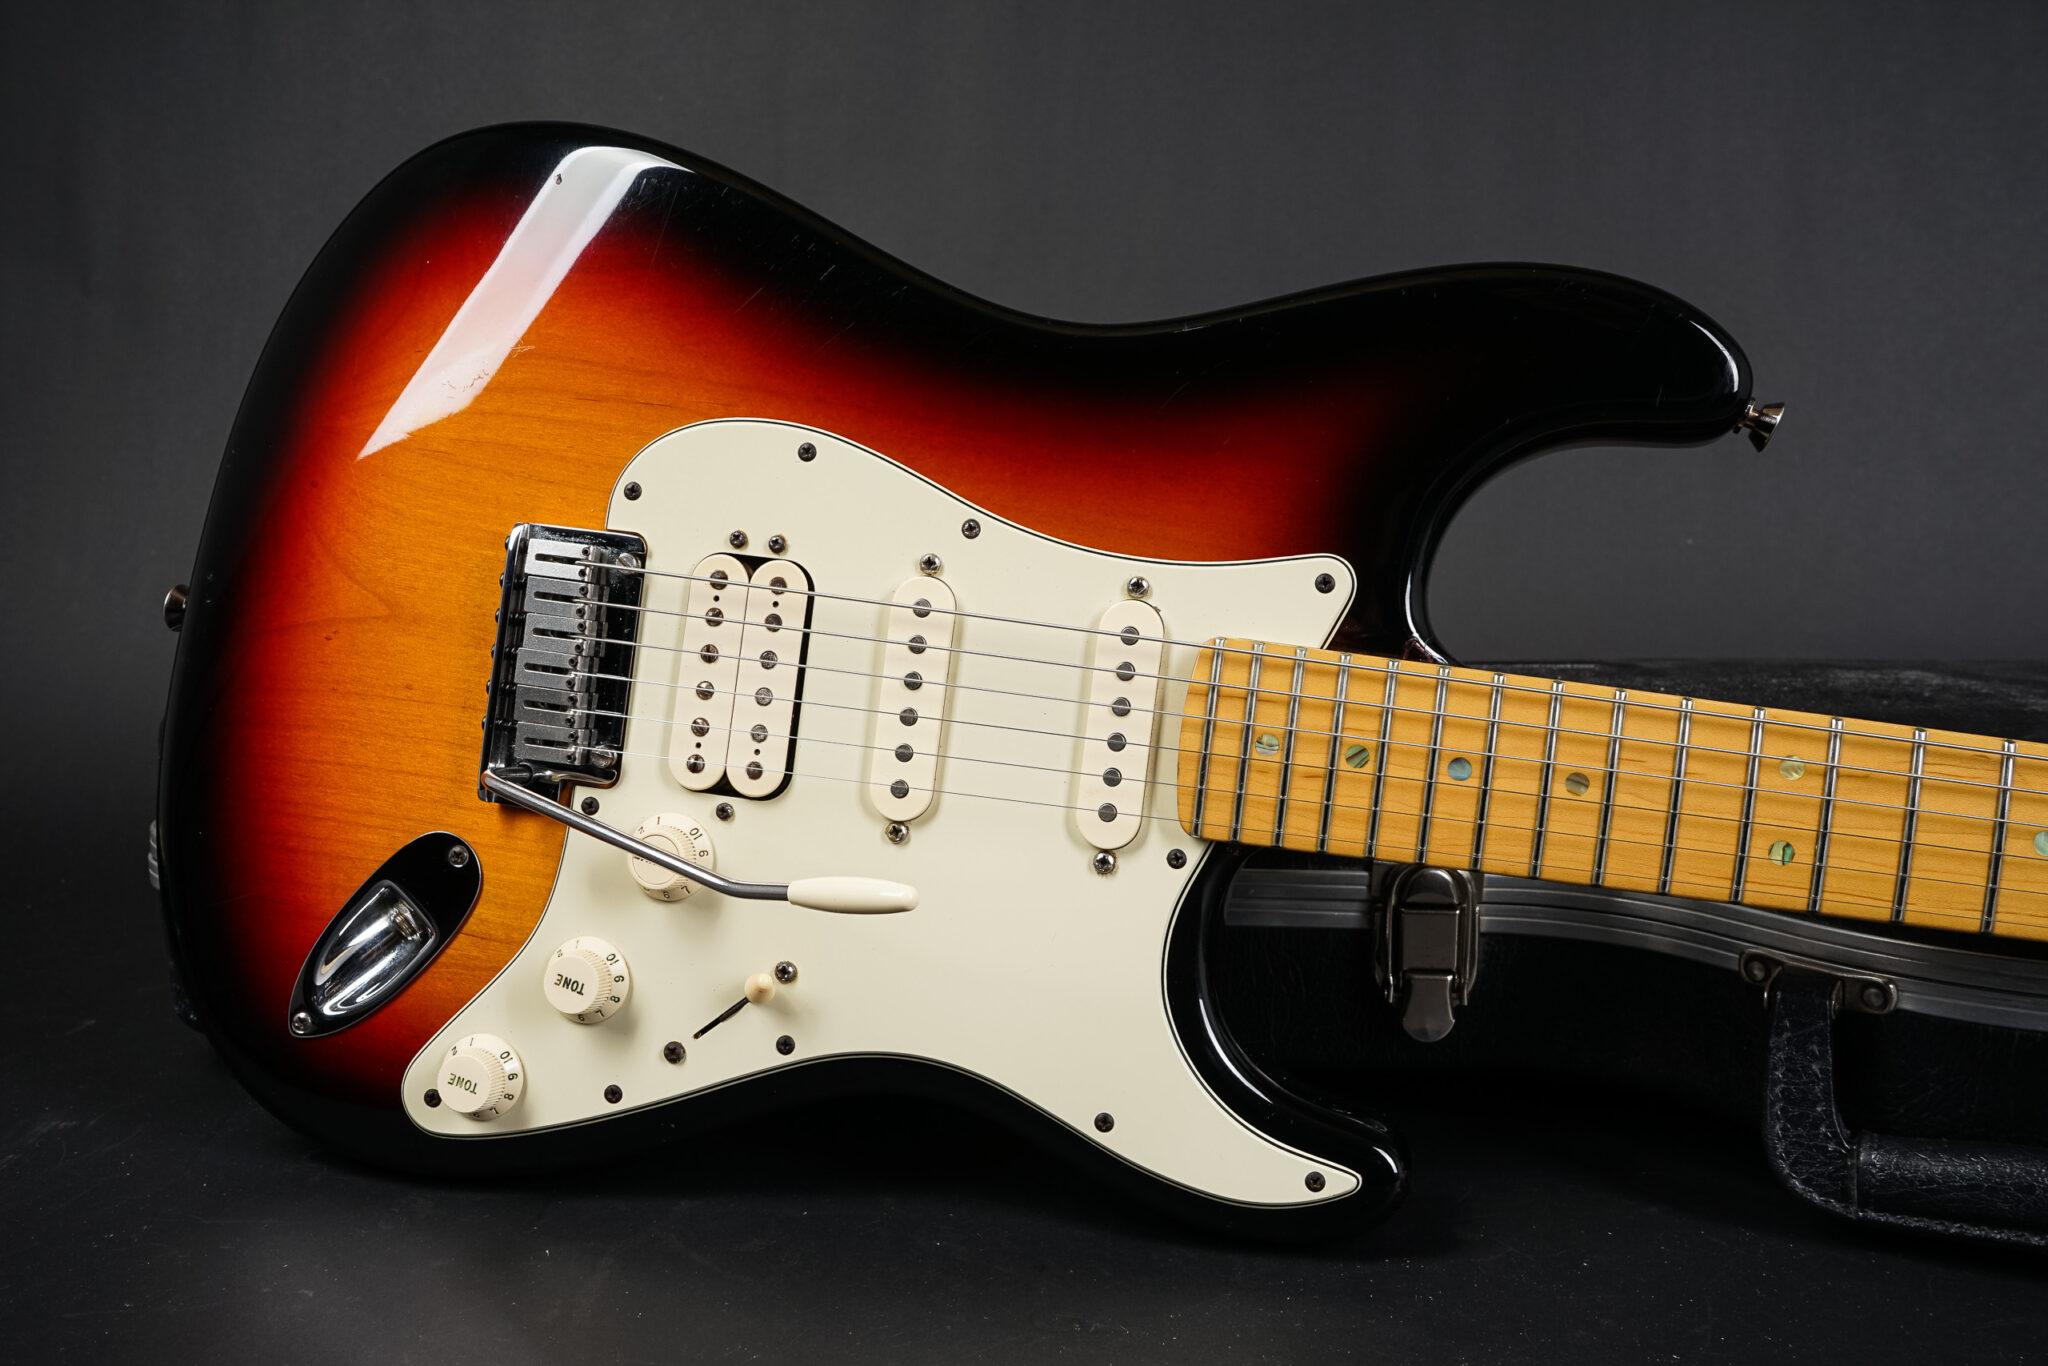 https://guitarpoint.de/app/uploads/products/1996-fender-stratocaster-3-tone-sunburst-hss-z4120281/2004-Fender-Deluxe-Stratocaster-HSS-8-2048x1366.jpg